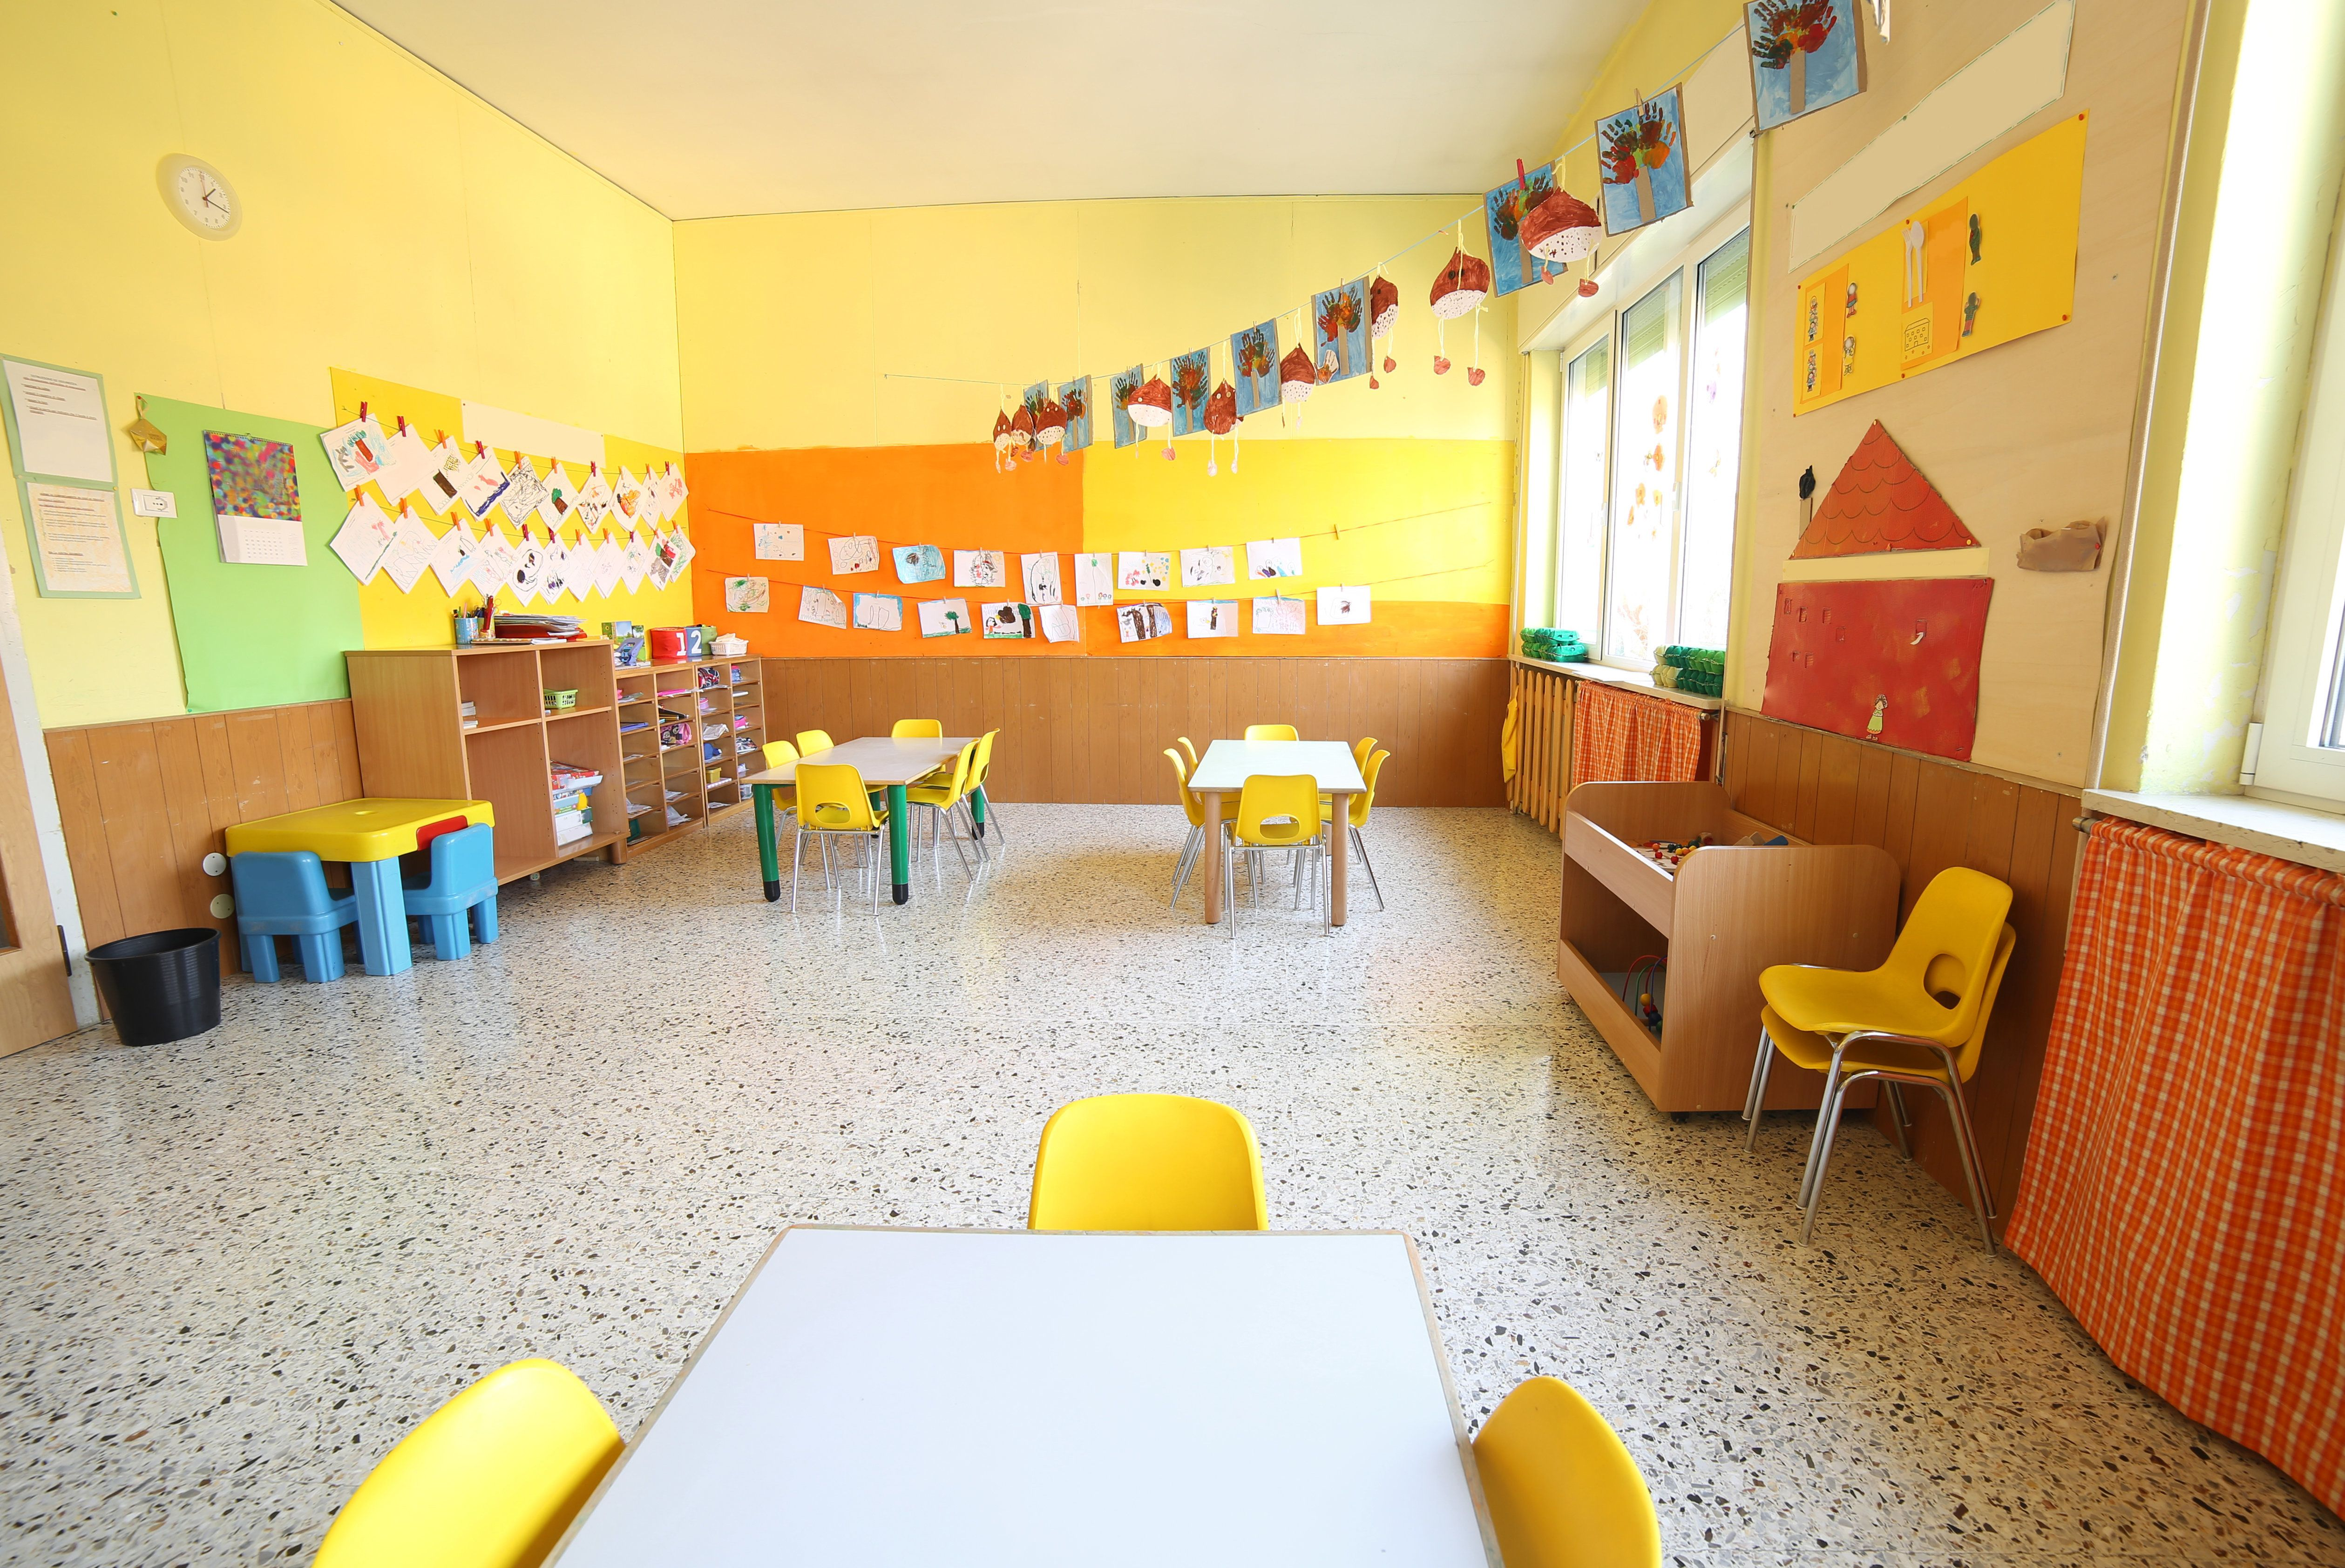 5678 crèches et jardins d'enfants homologués sur l'ensemble du territoire, dont près de 1/5 sur le grand